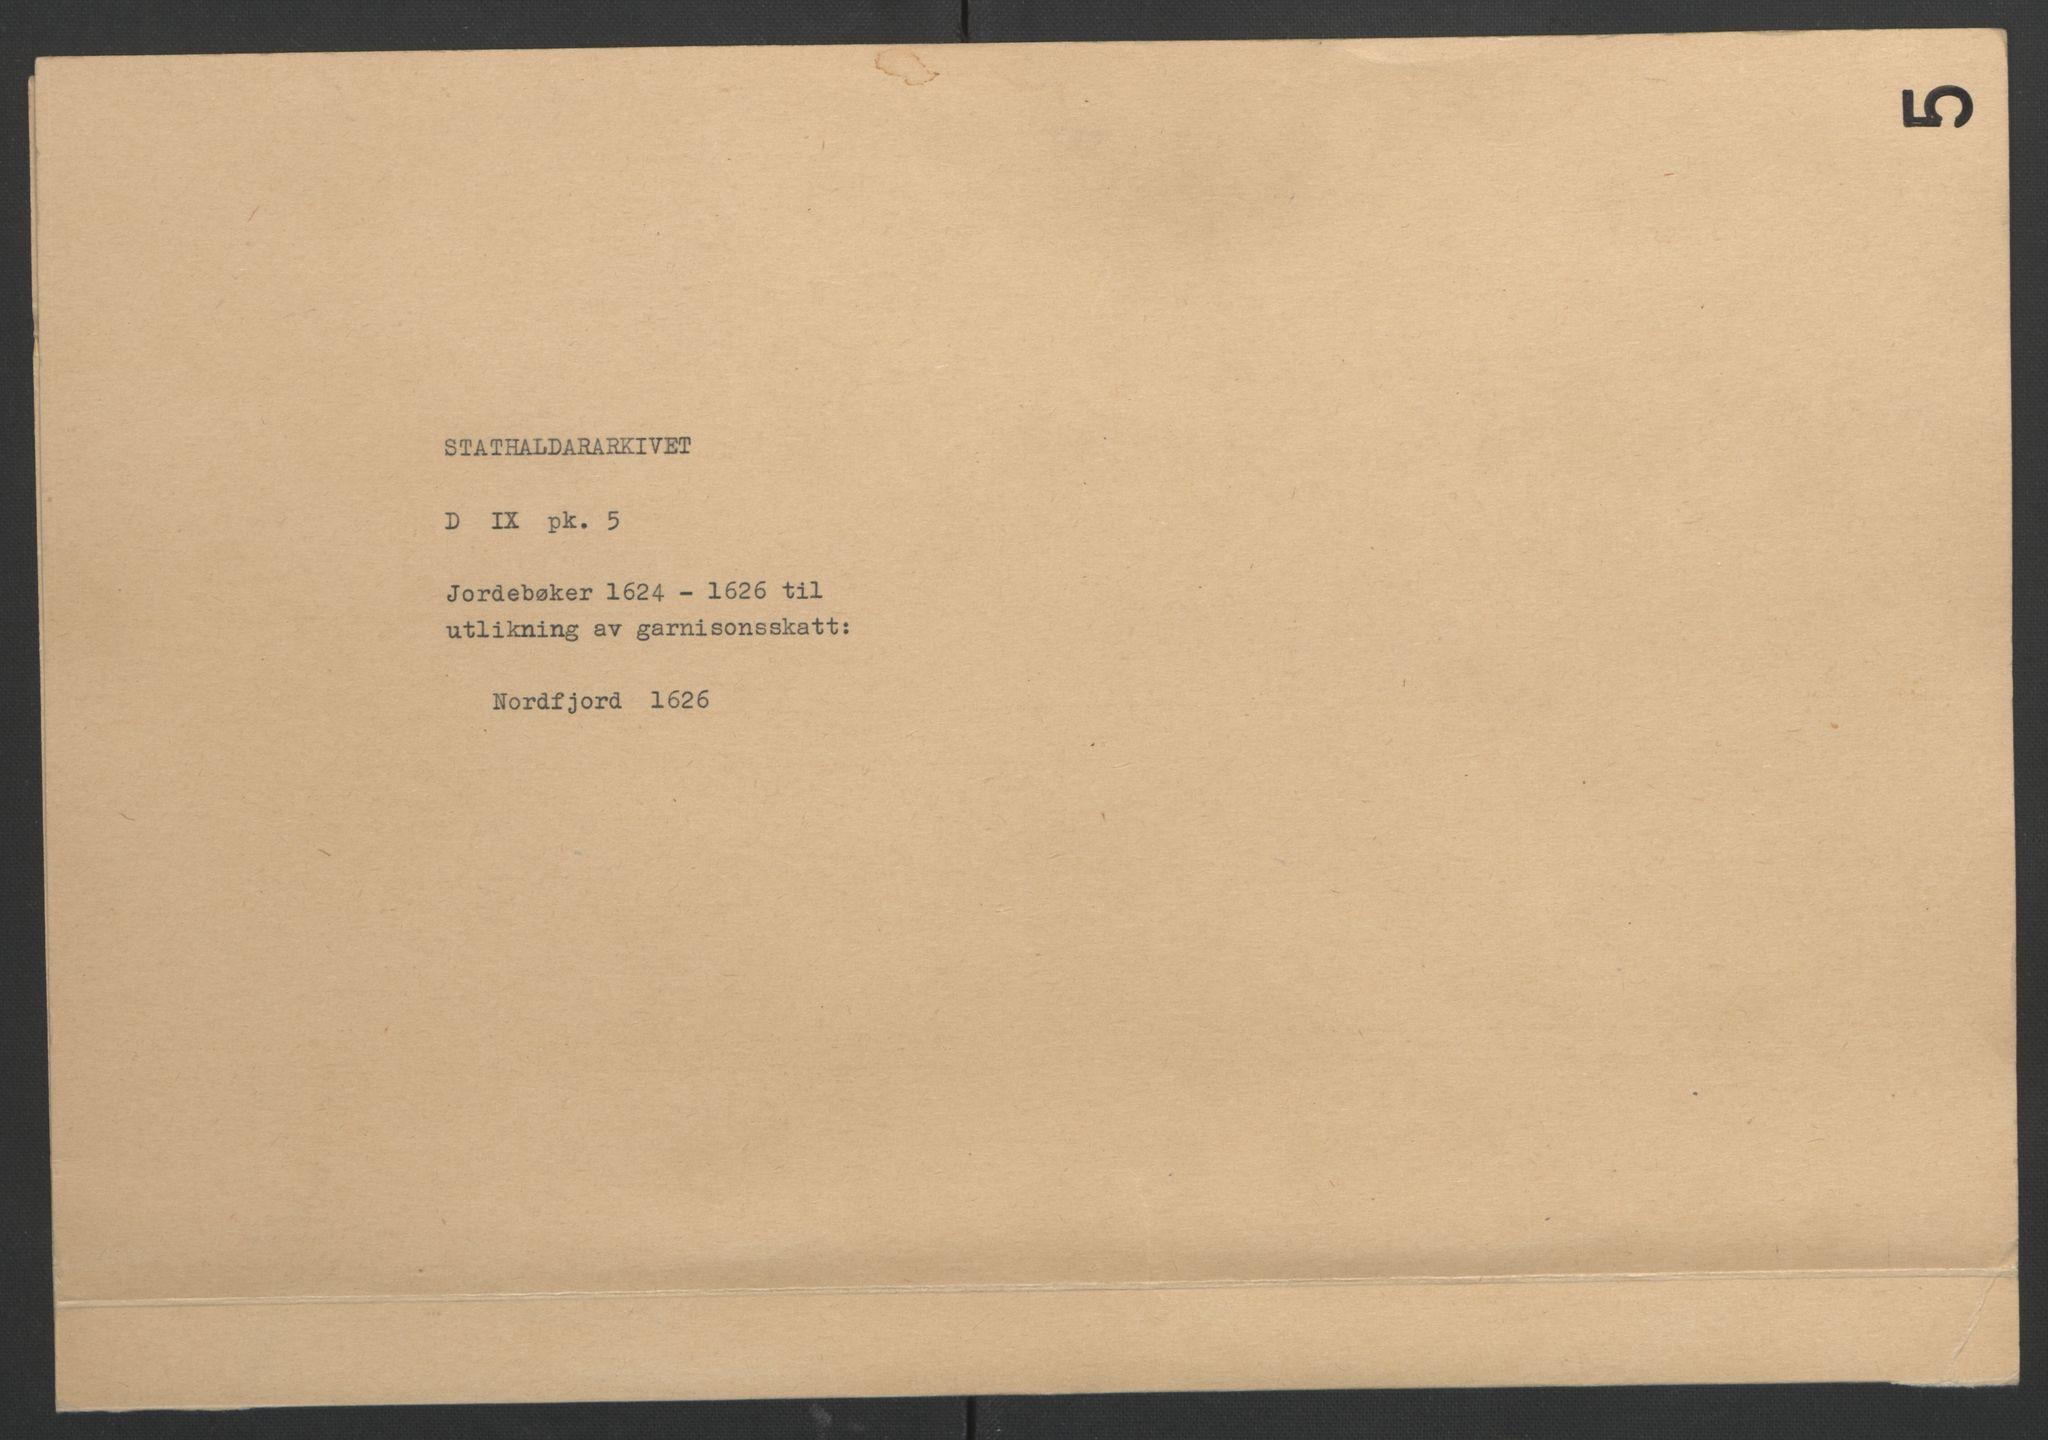 RA, Stattholderembetet 1572-1771, Ek/L0005: Jordebøker til utlikning av garnisonsskatt 1624-1626:, 1626, s. 31